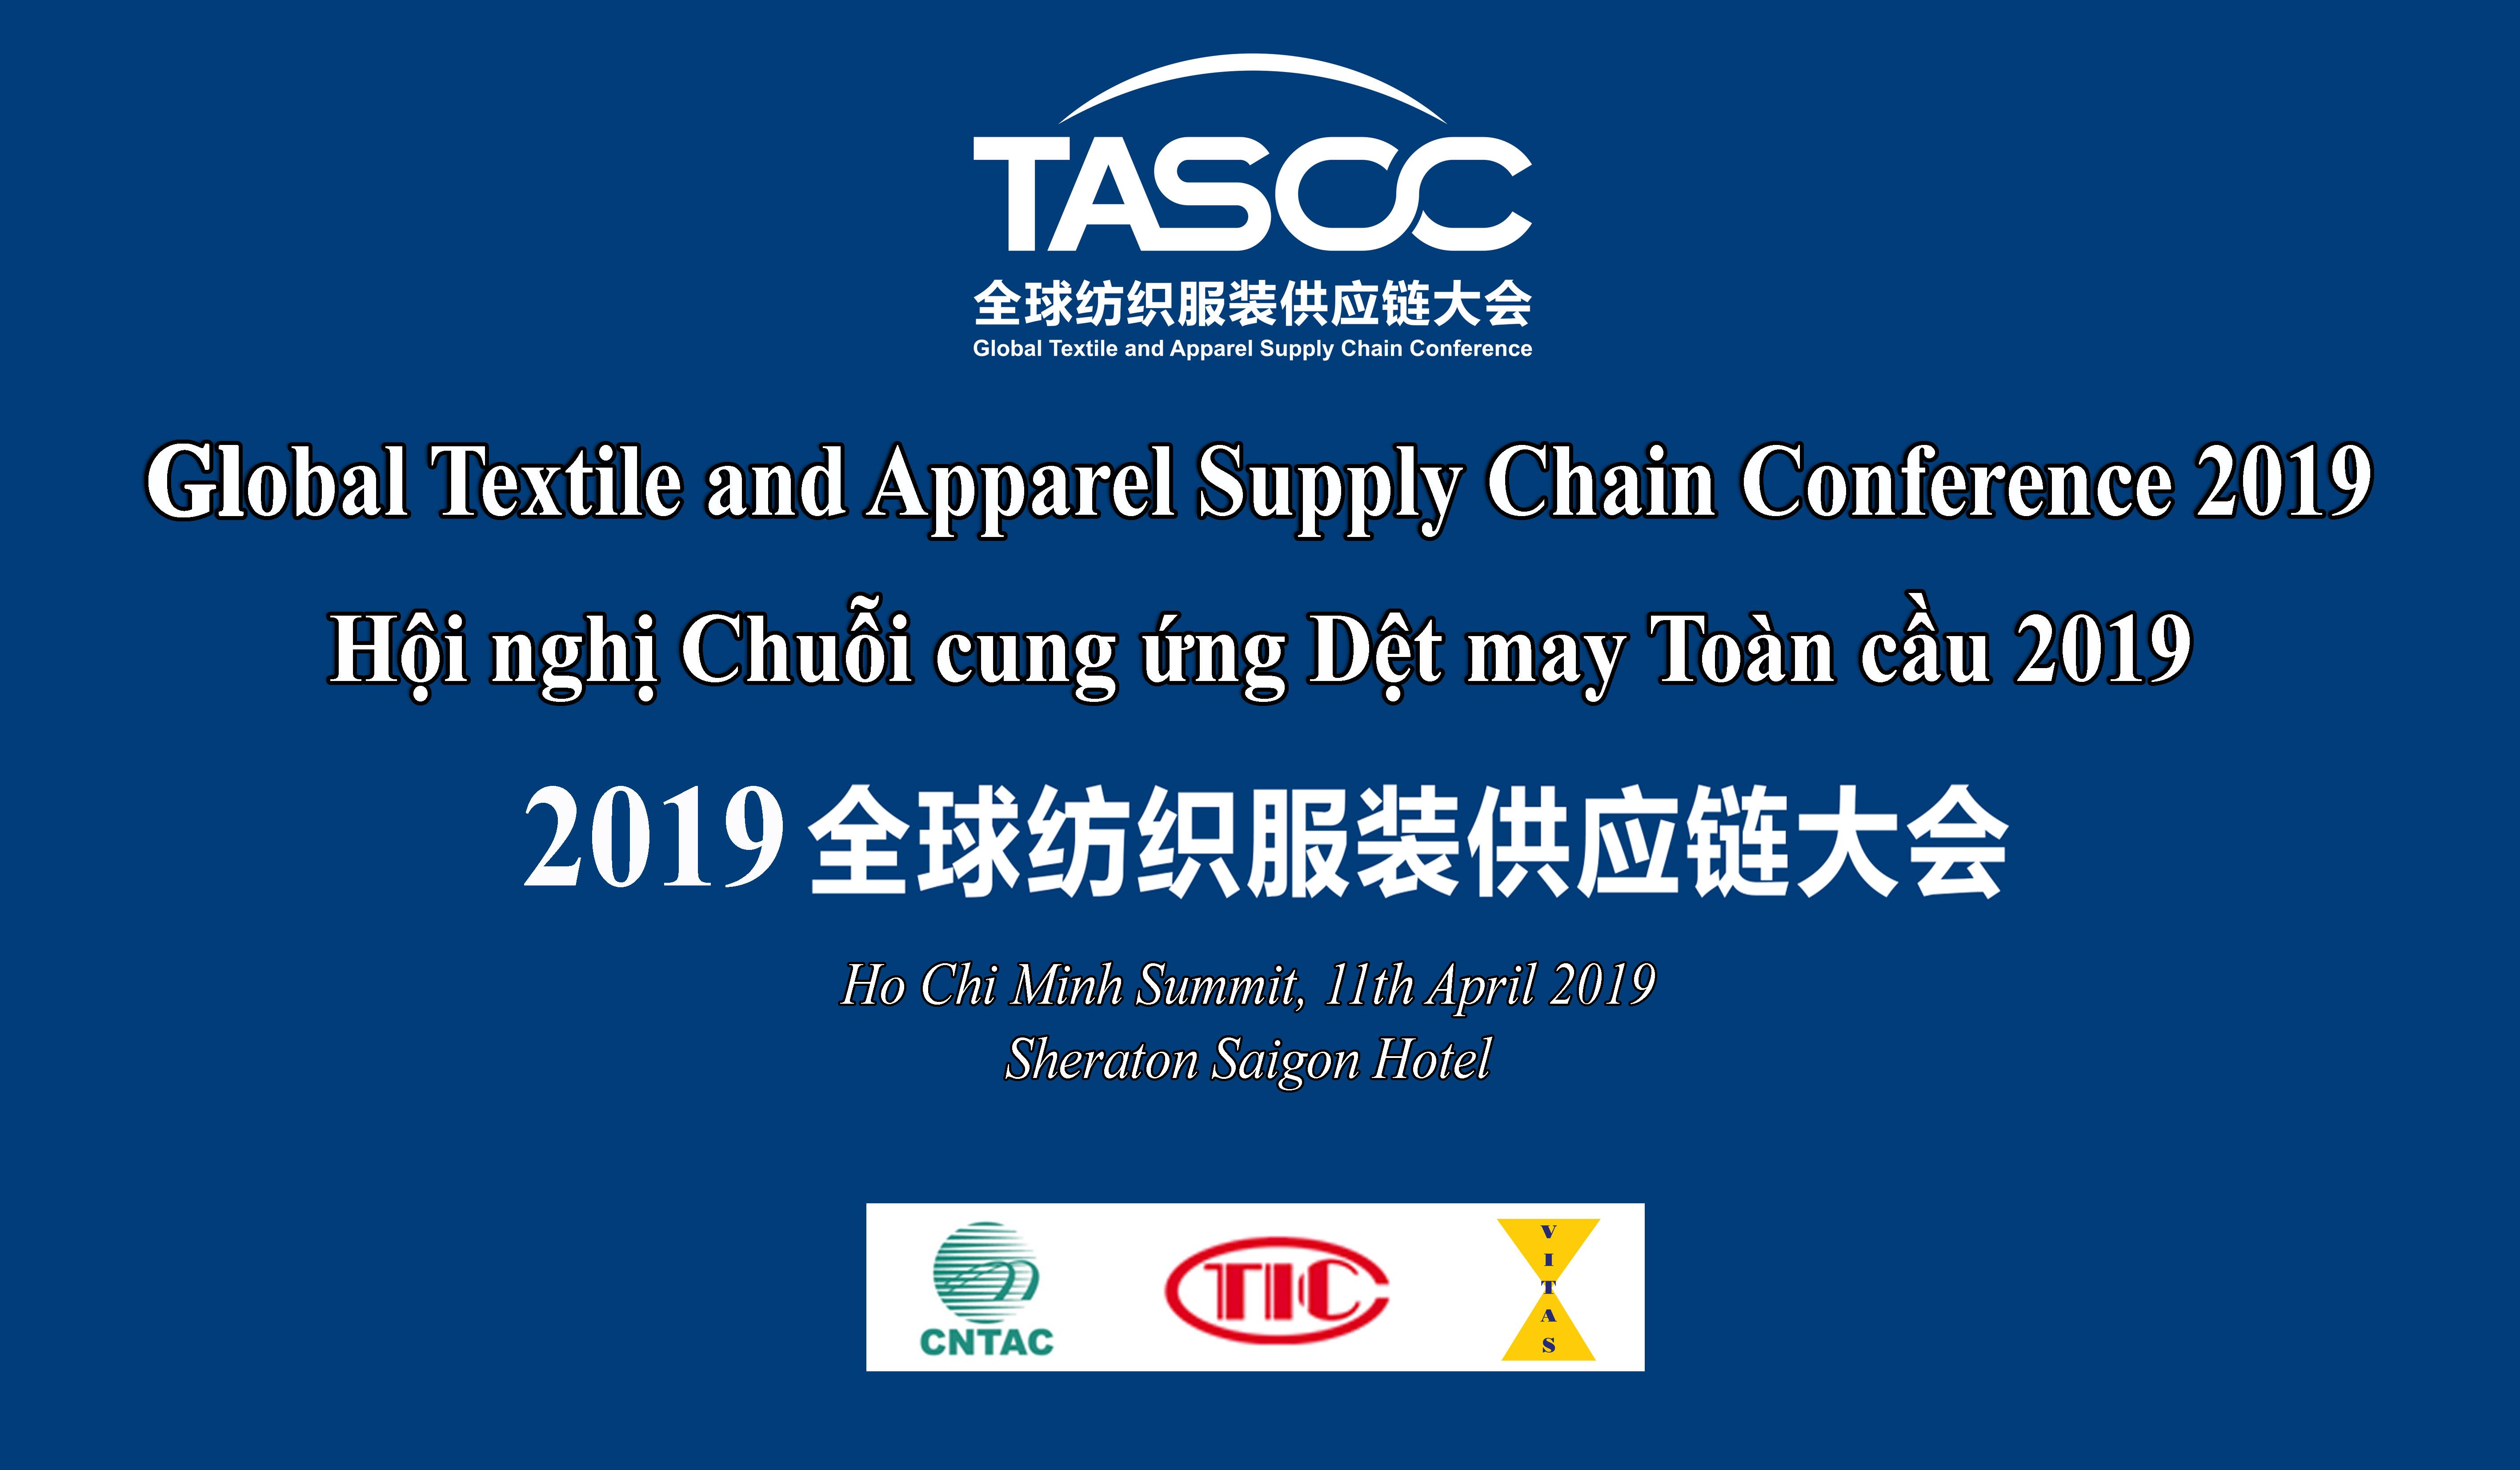 Mời tham dự Hội nghị chuỗi cung ứng...